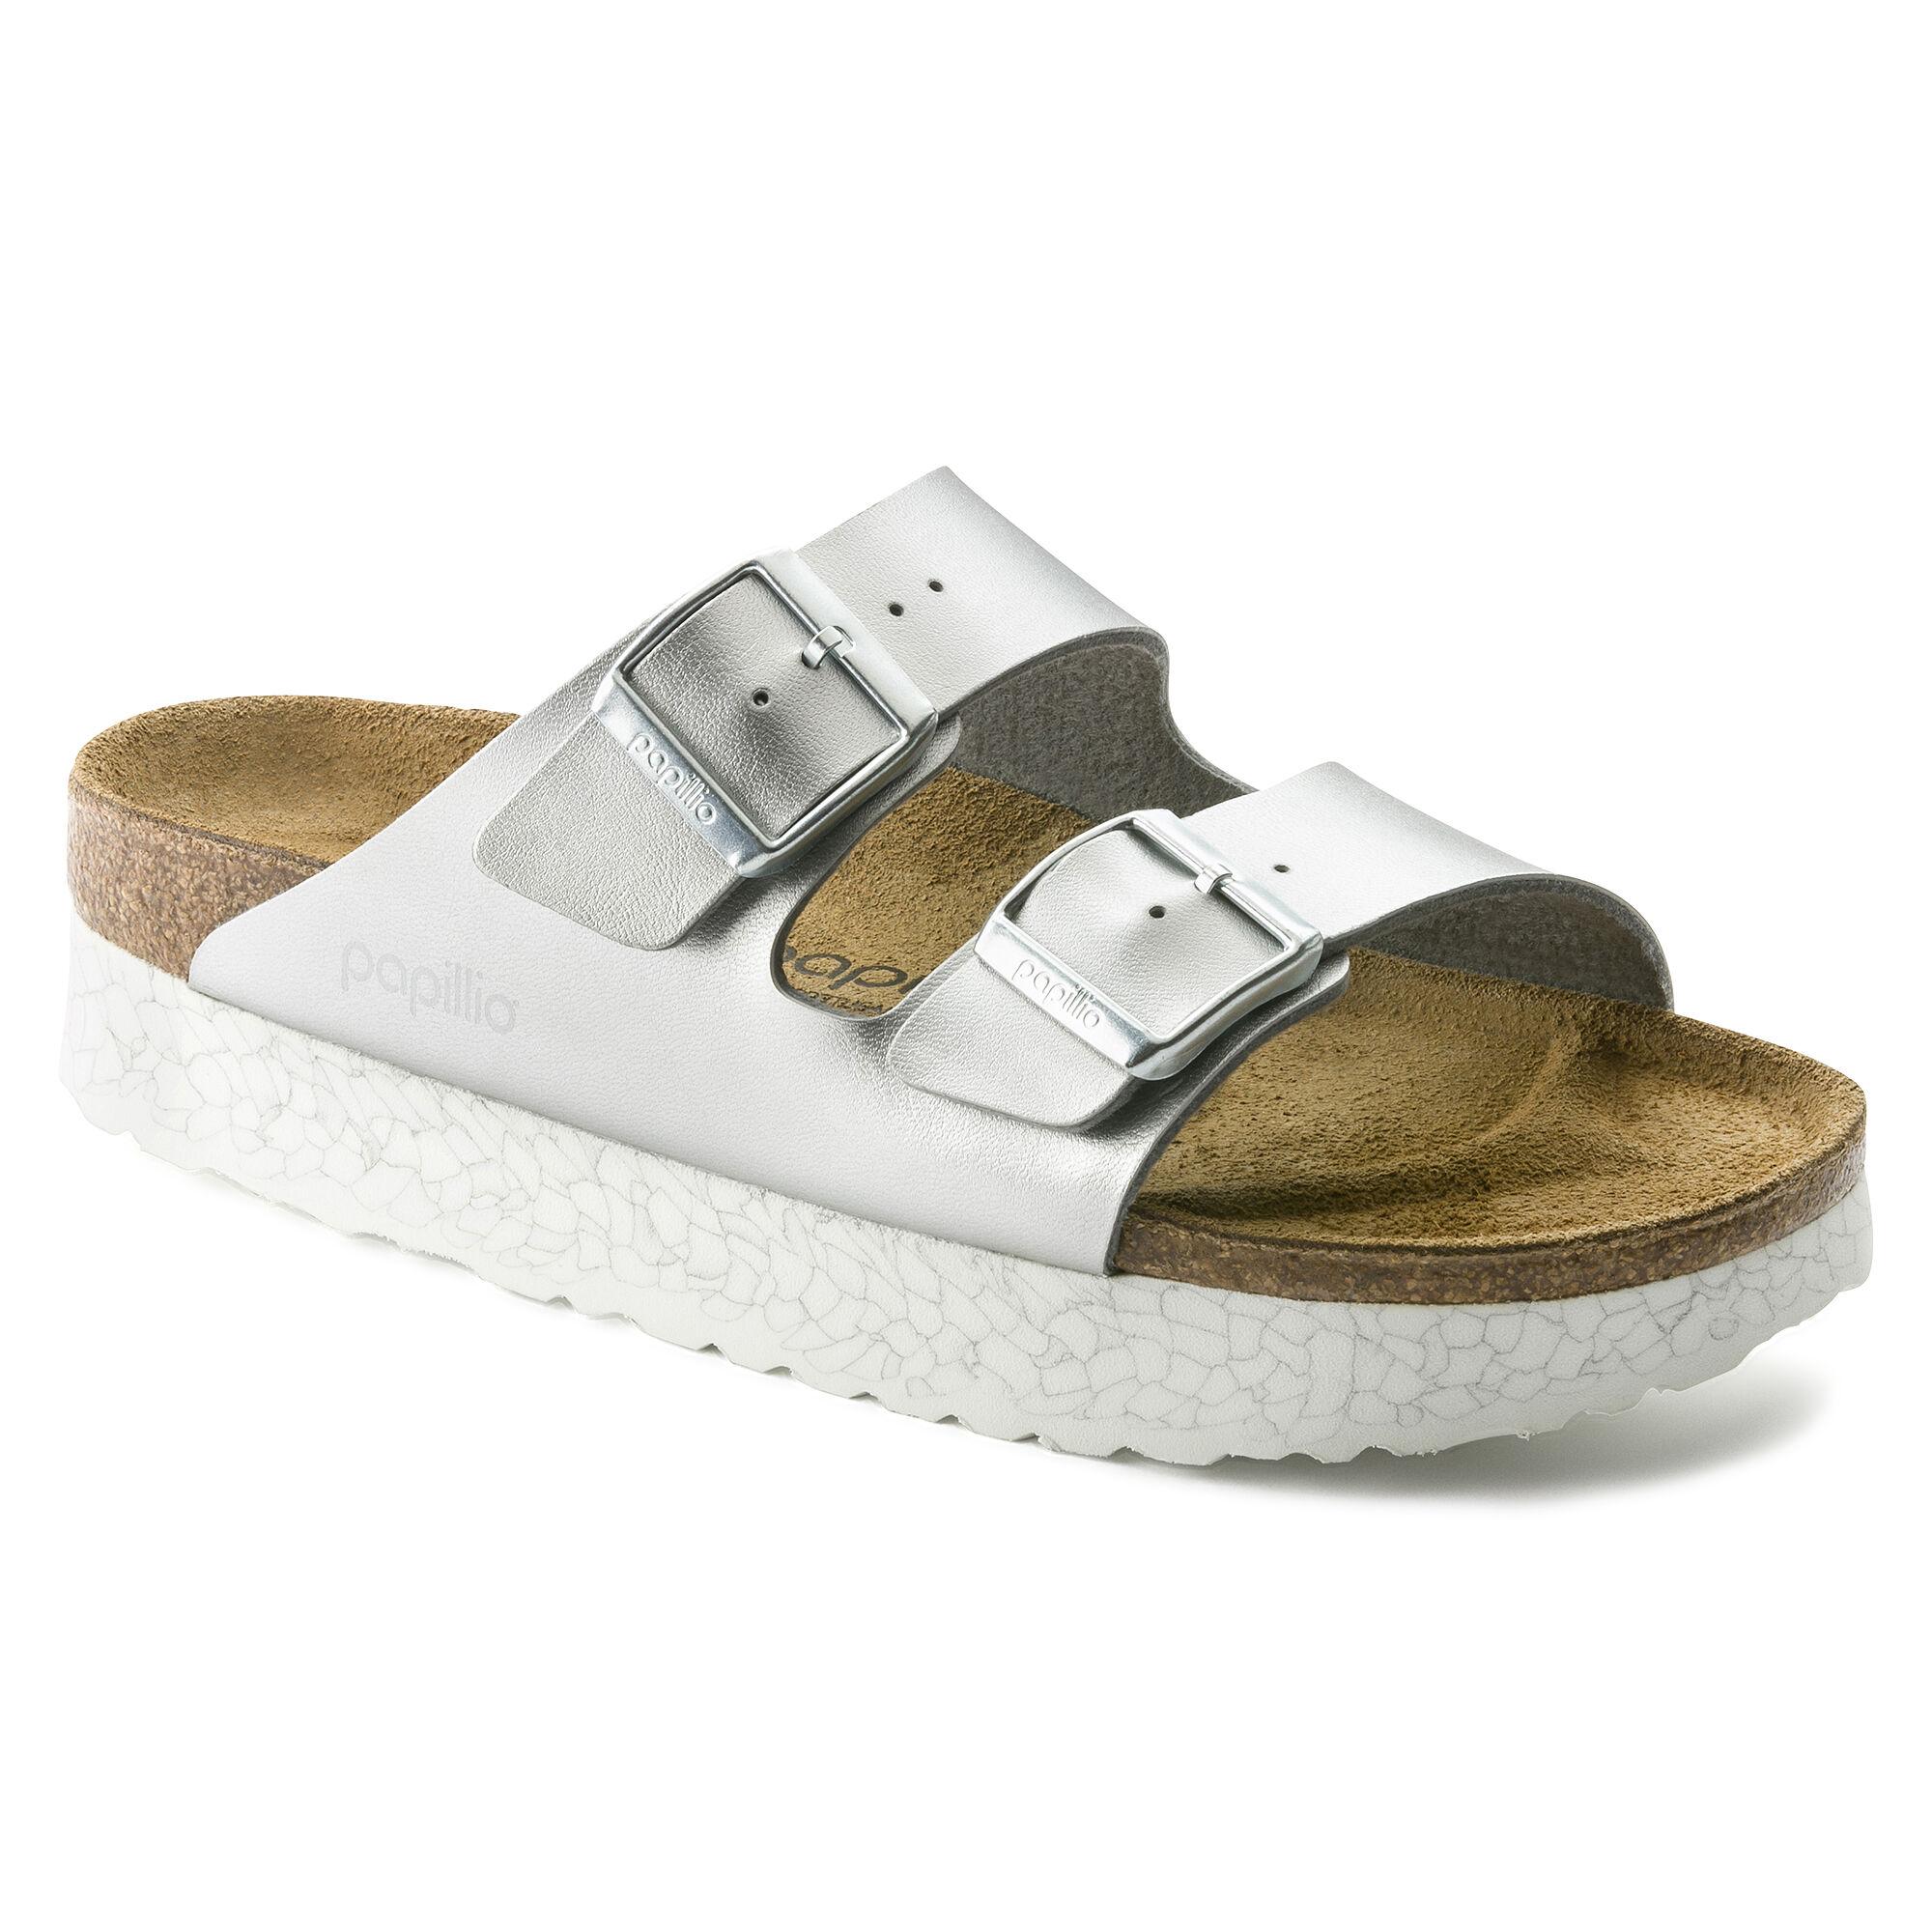 WomenBuy For At Birkenstock Online Platform Sandals WeIEDY2H9